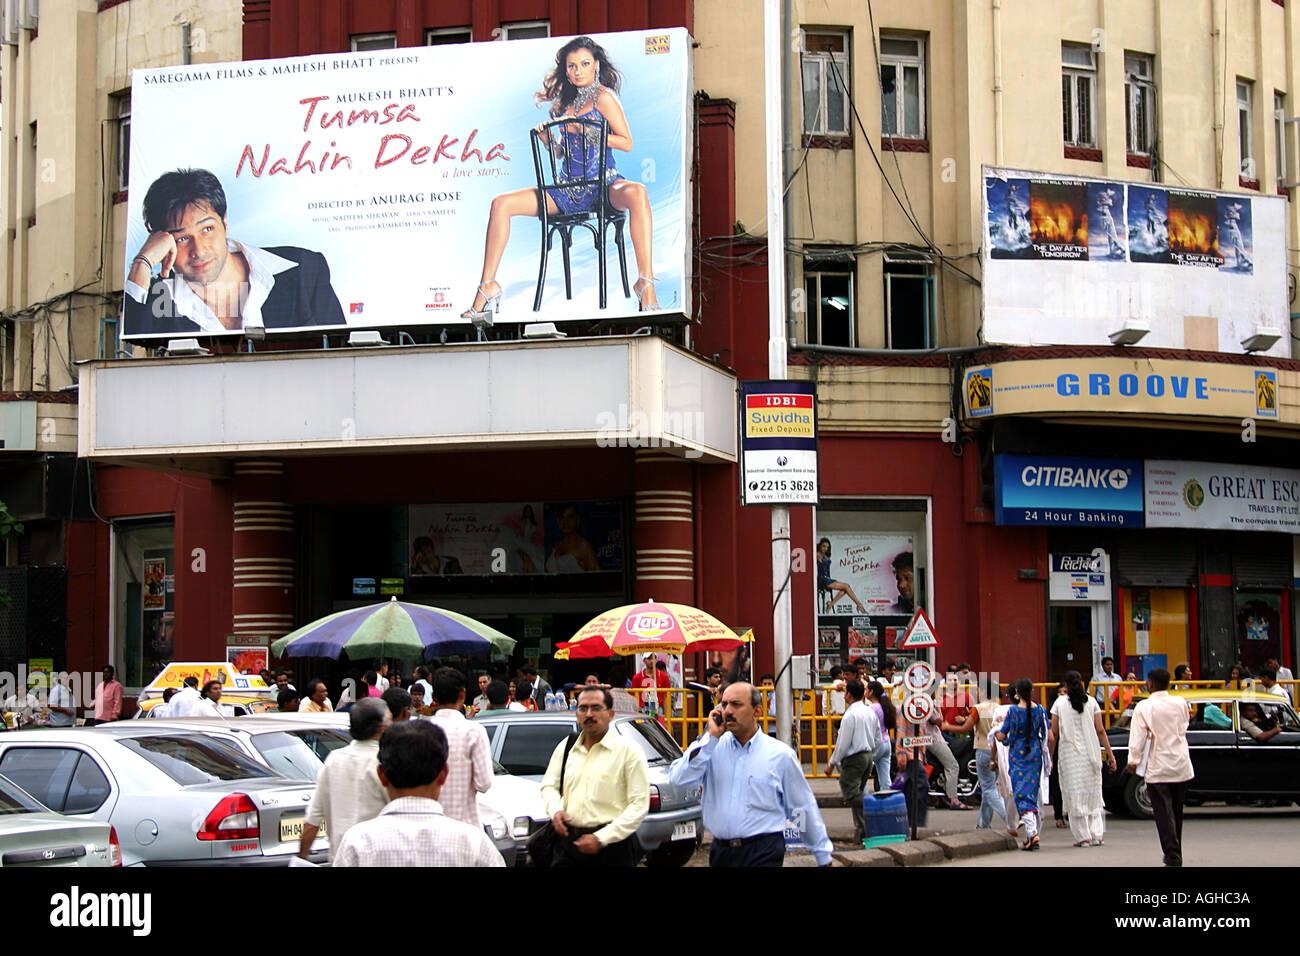 RSC91106 palizzata poster sul cinema eros edificio a churchgate bombay mumbai india Immagini Stock